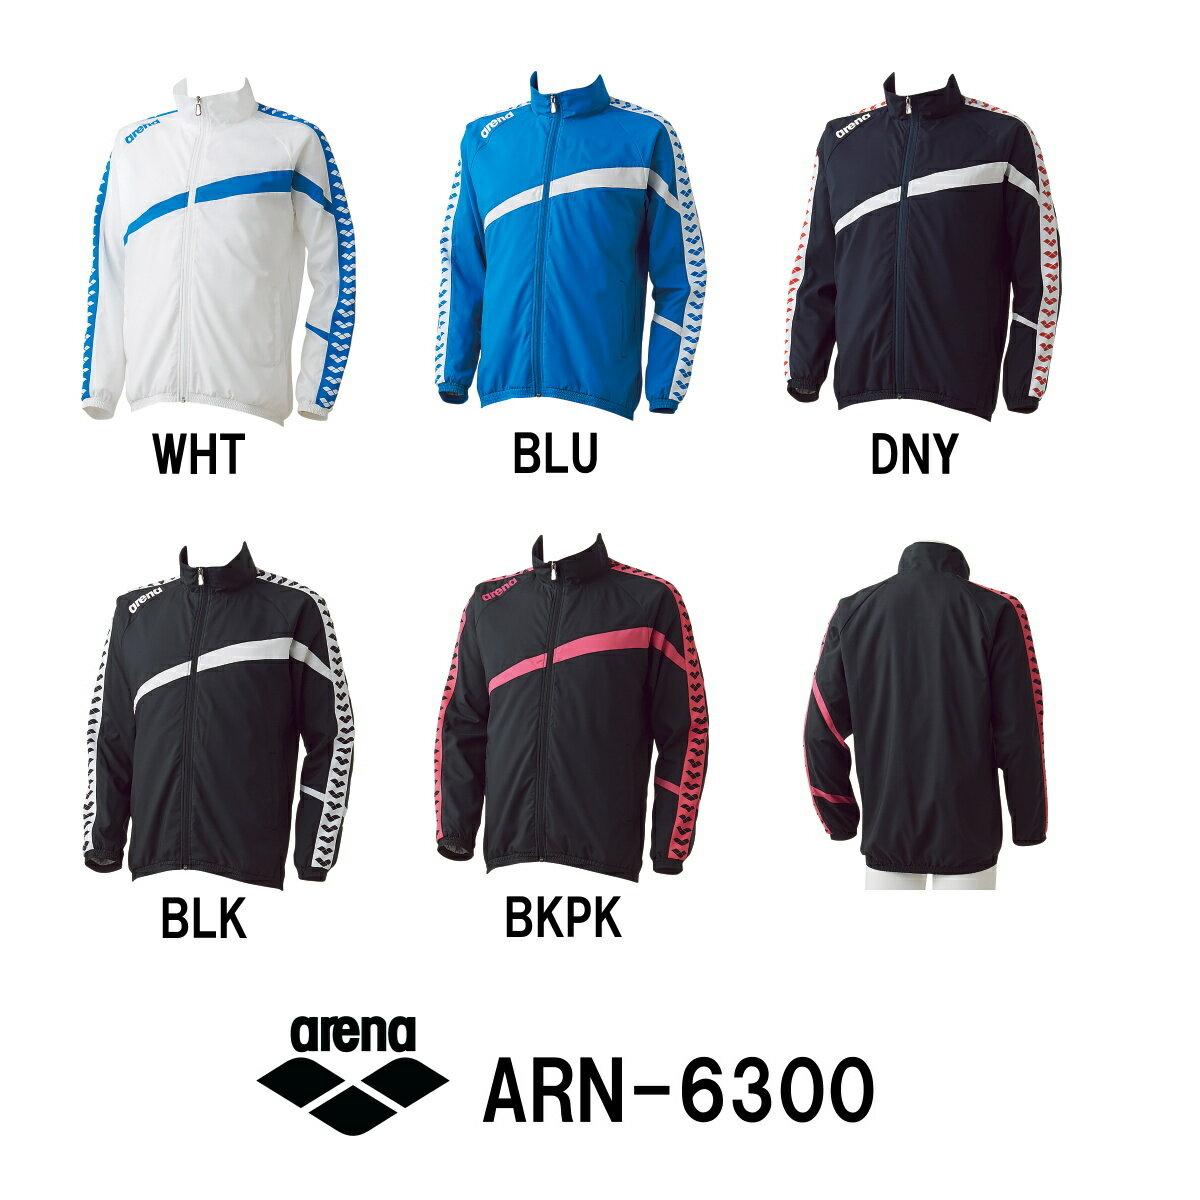 【ARN-6300】ARENA(アリーナ) ウィンドジャケット[トレーニングウェア/デルタウーブン/メンズ/レディース/レディス/男女共通/チームライン]